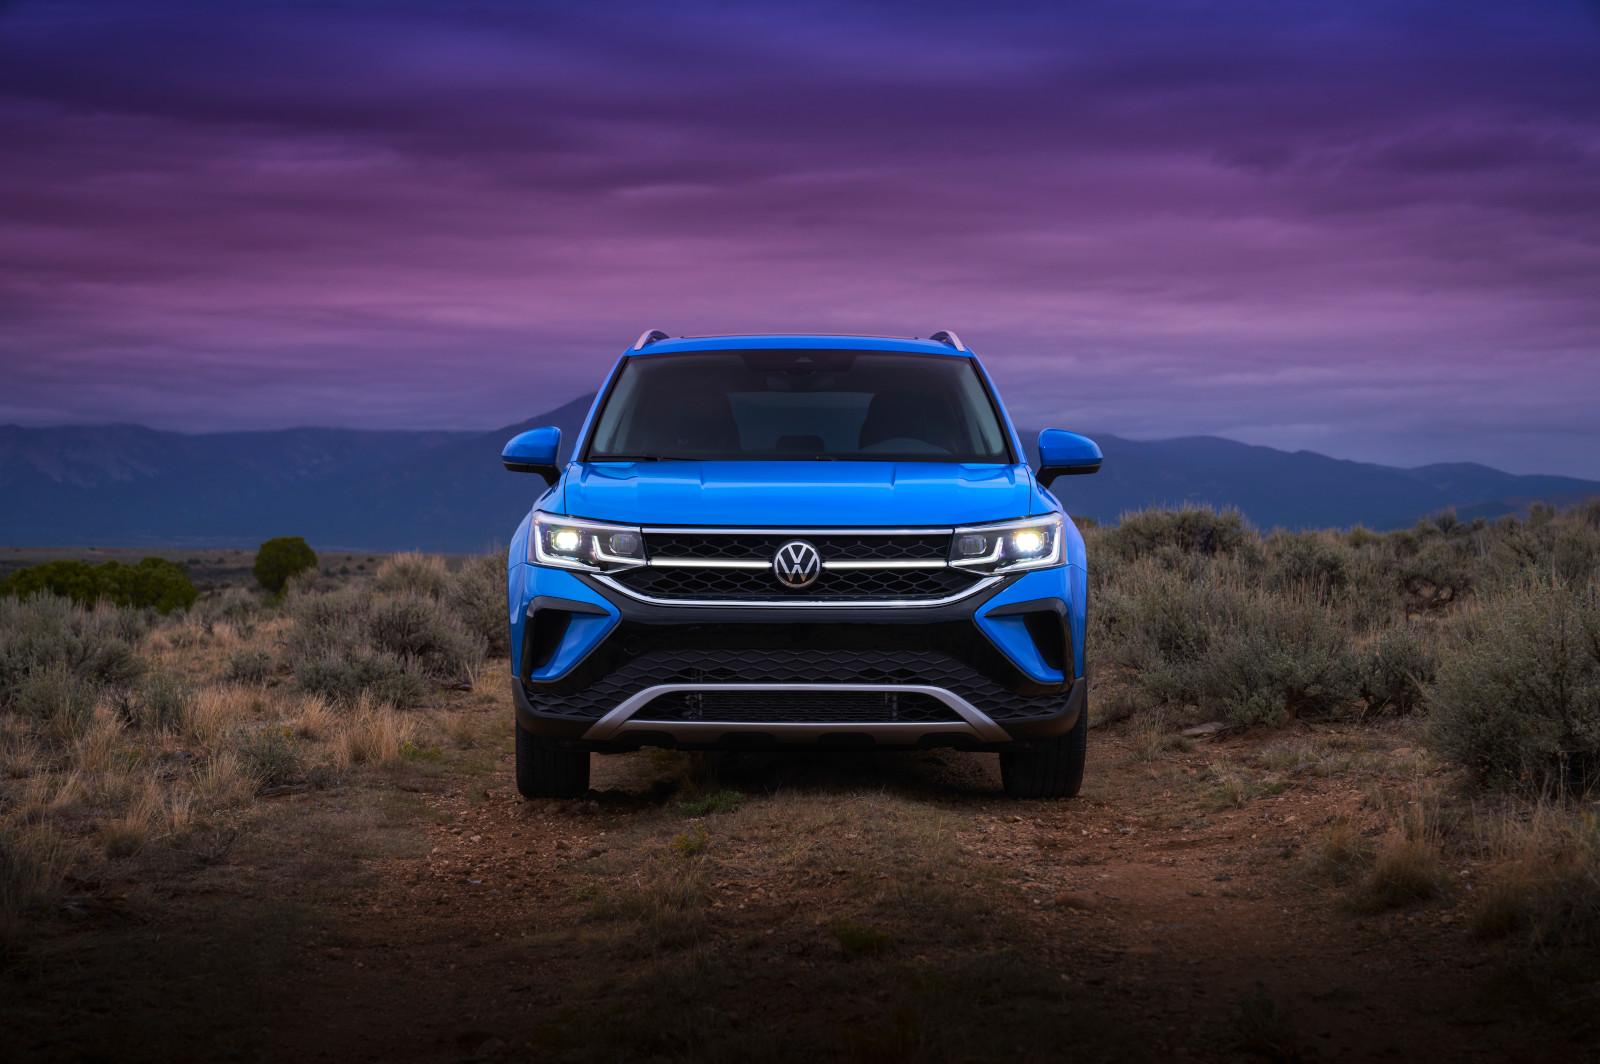 Volkswagen Taos en tres versiones con precios desde $449,990 a $535,990 pesos